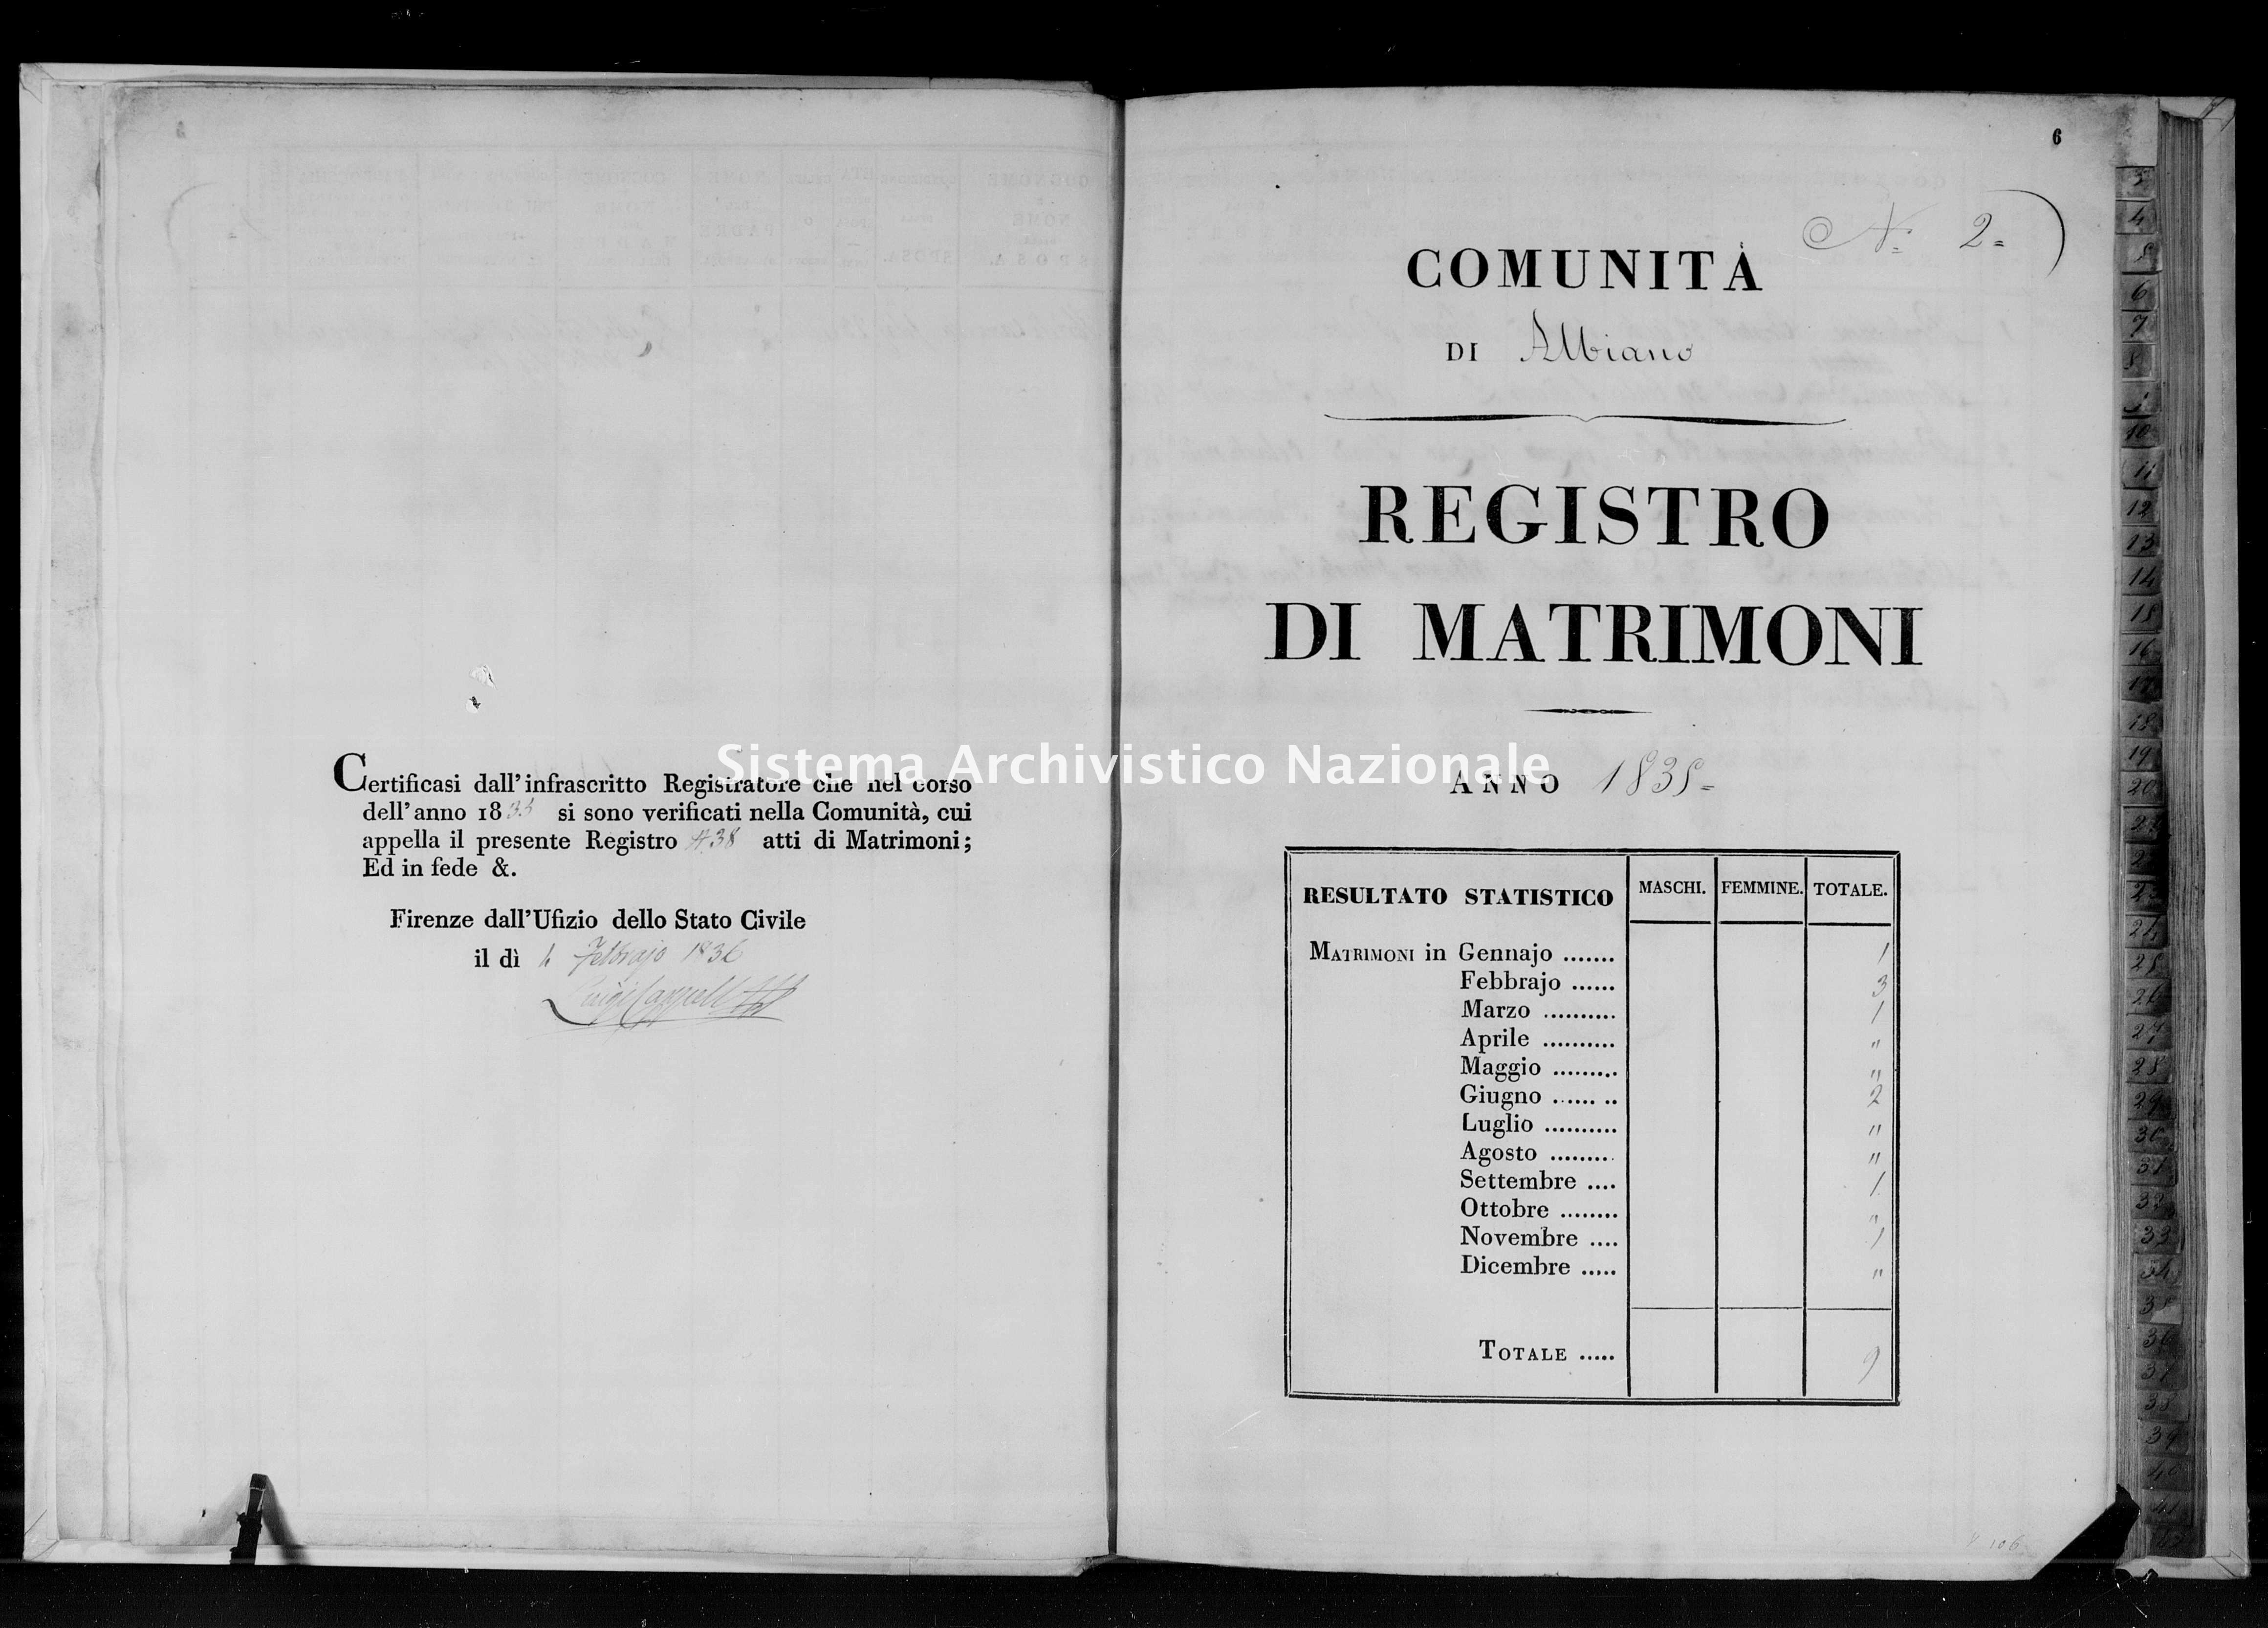 Archivio di stato di Firenze - Stato civile di Toscana (1808-1865) - Albiano - Matrimoni - 1835 - 106 -